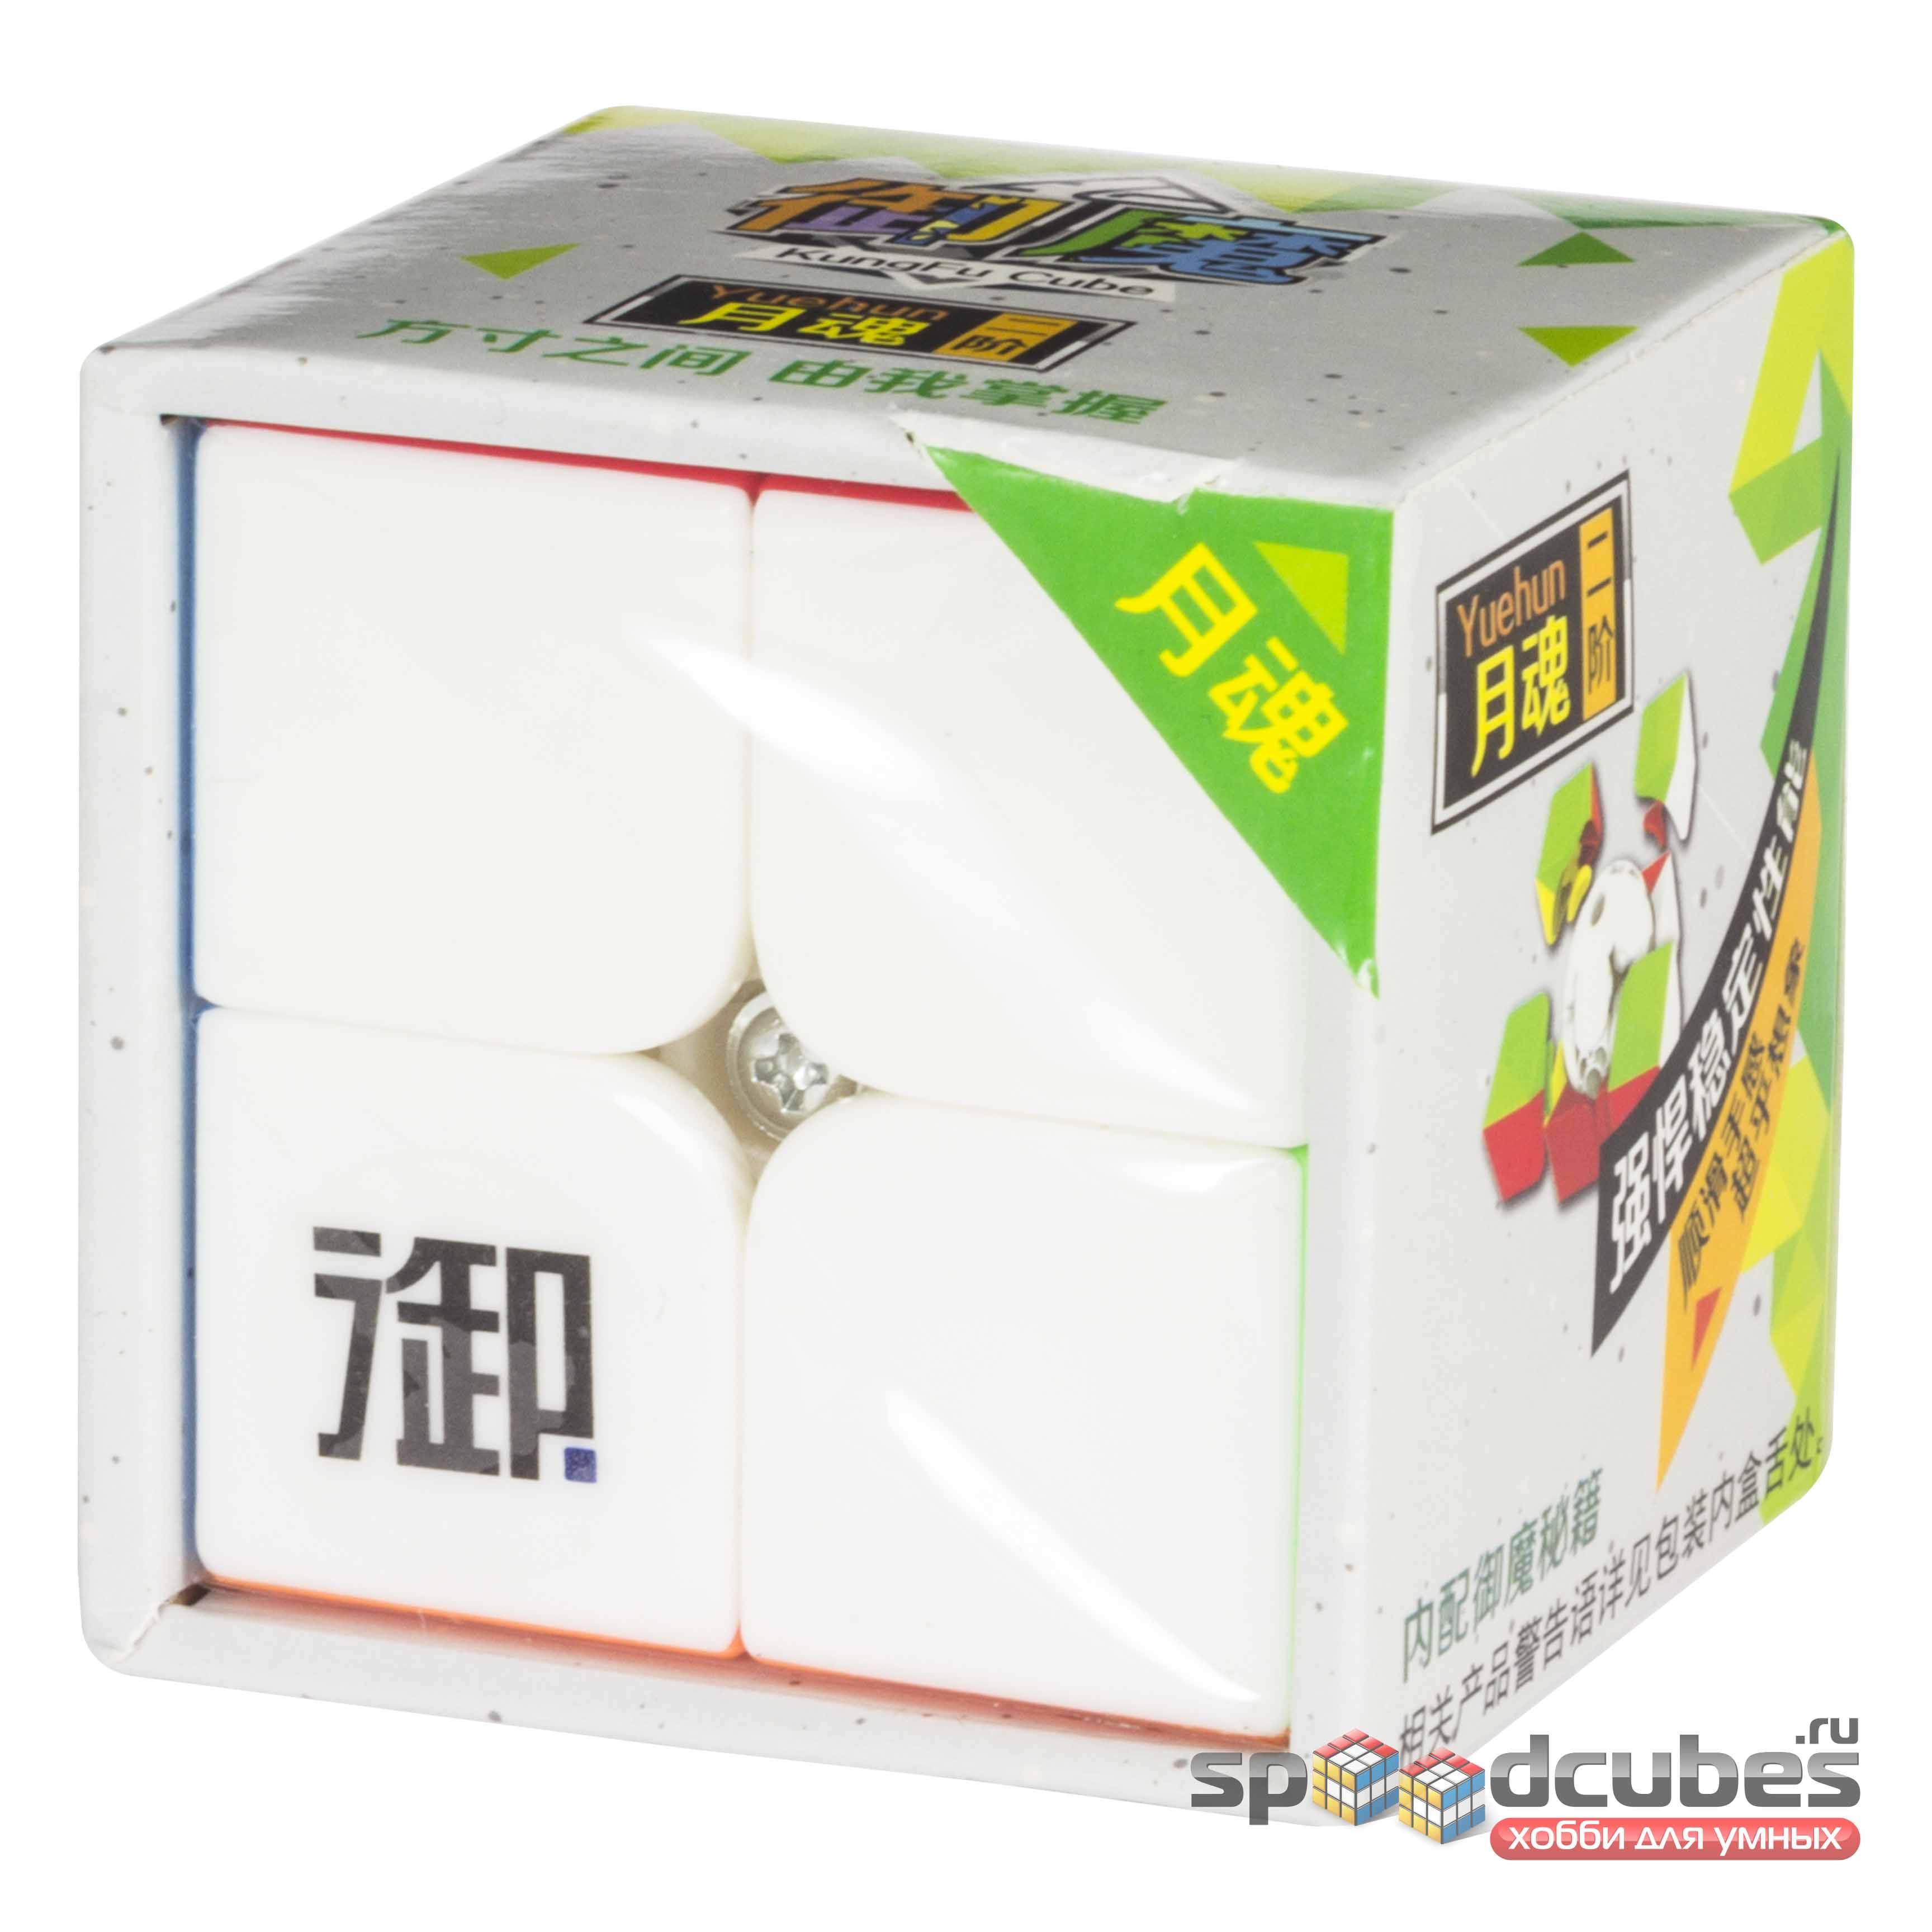 KungFu 2x2x2 Yuehun (цв) 1